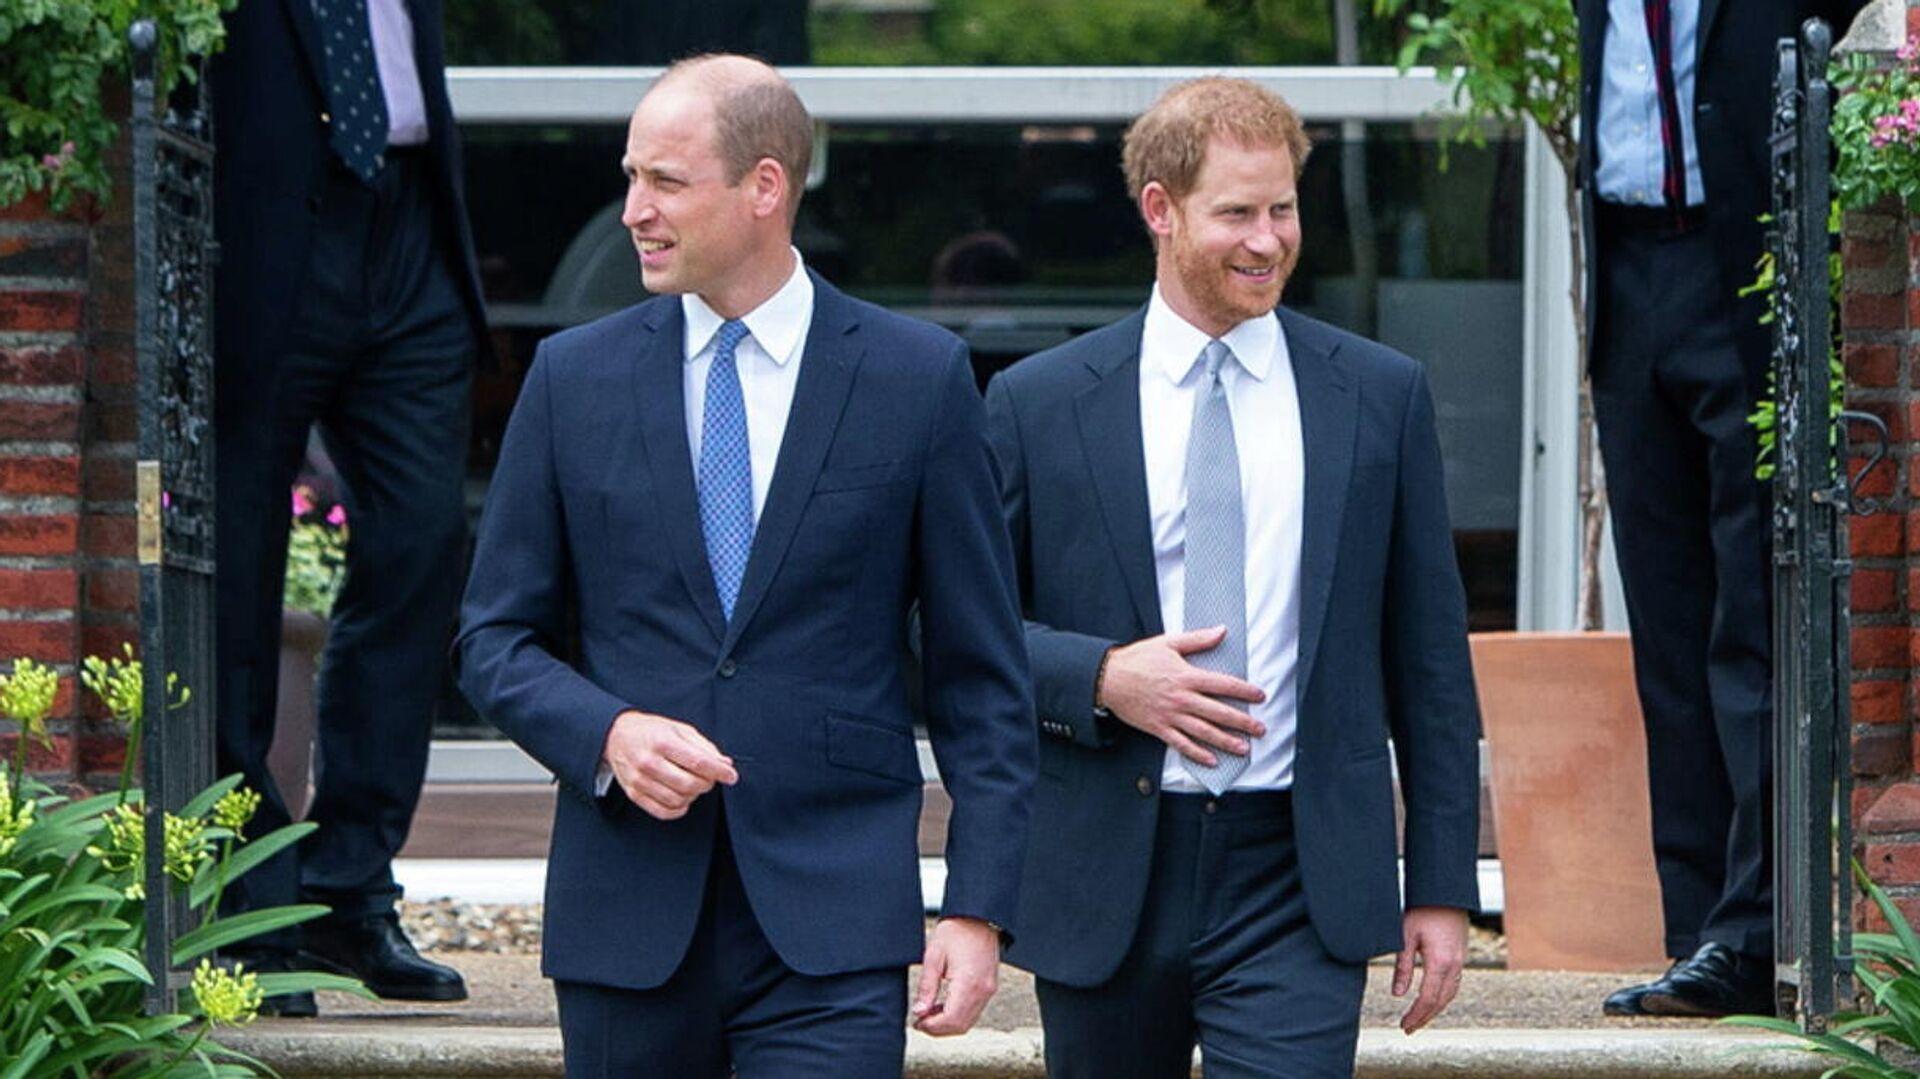 William y Harry, príncipes de Reino Unido - Sputnik Mundo, 1920, 07.07.2021